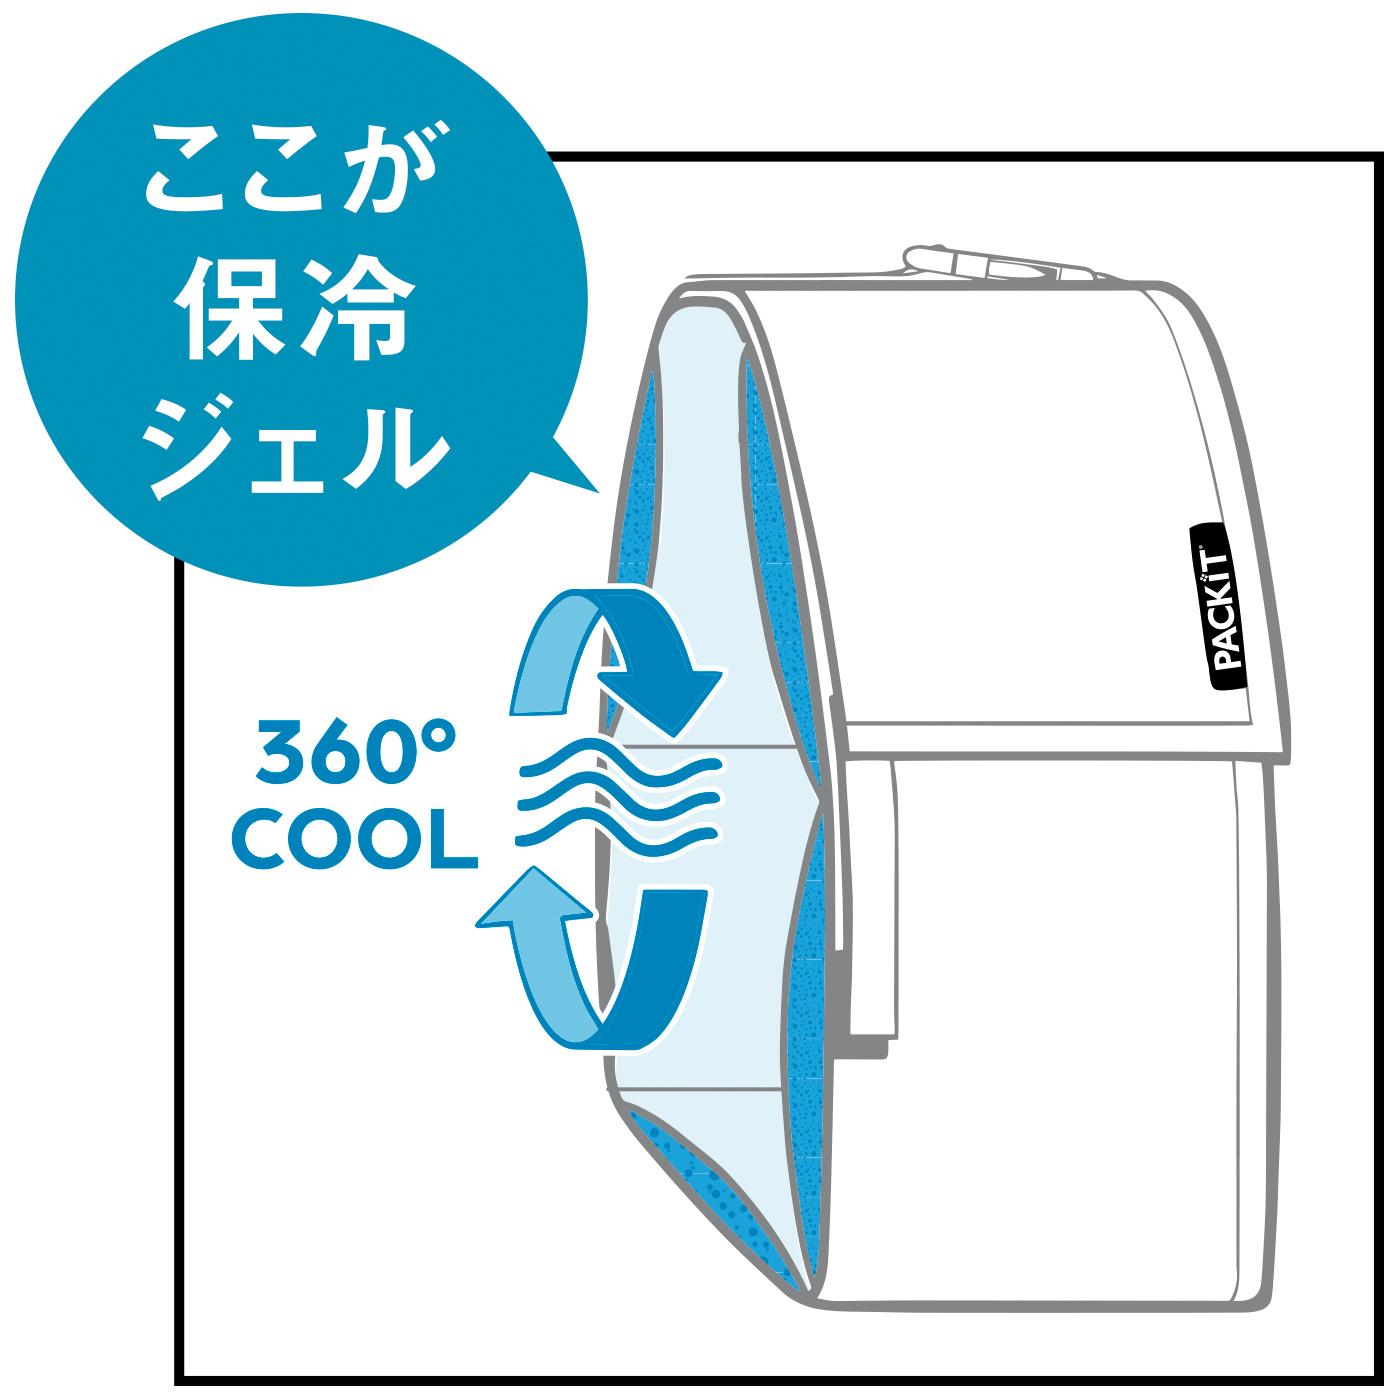 裏地の保冷剤でバッグ内を保冷!